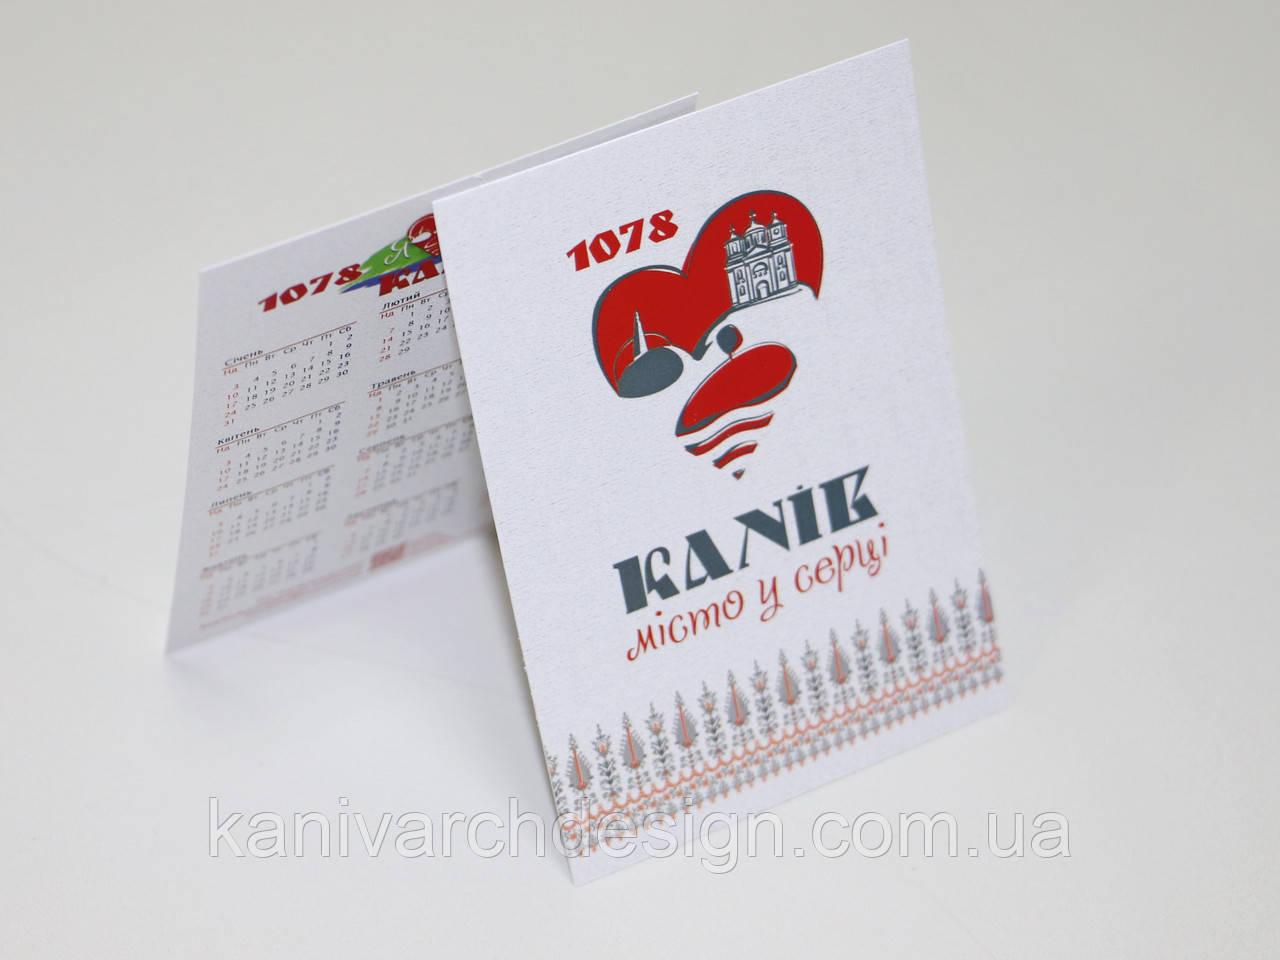 """Канівський сувенір календарик """"Канів - місто у серці"""", фото 1"""